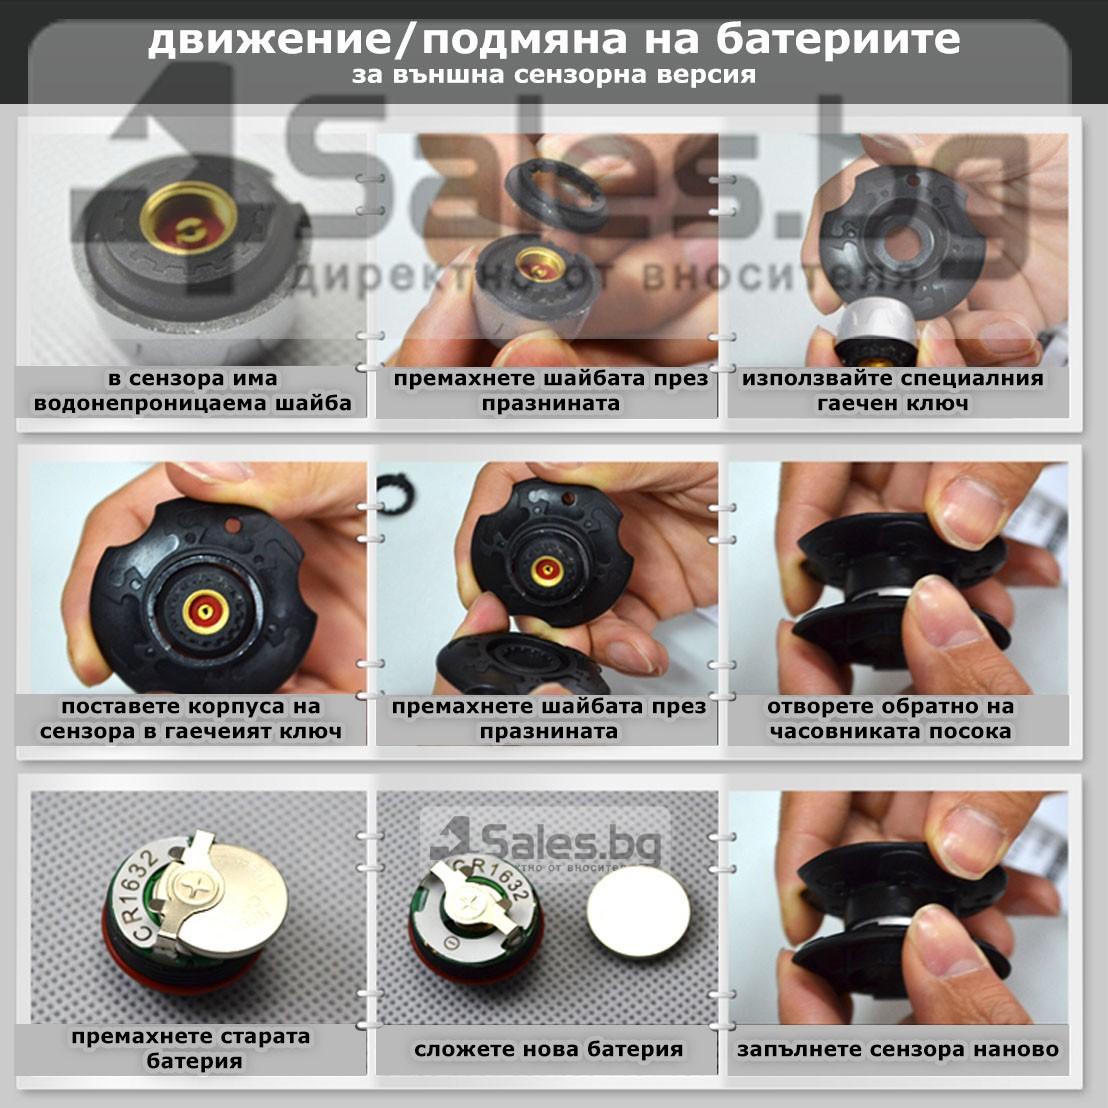 Датчик за налягане на гуми с монитор, сензор за отмерване и 4 вентила GUMI ALARM1 12